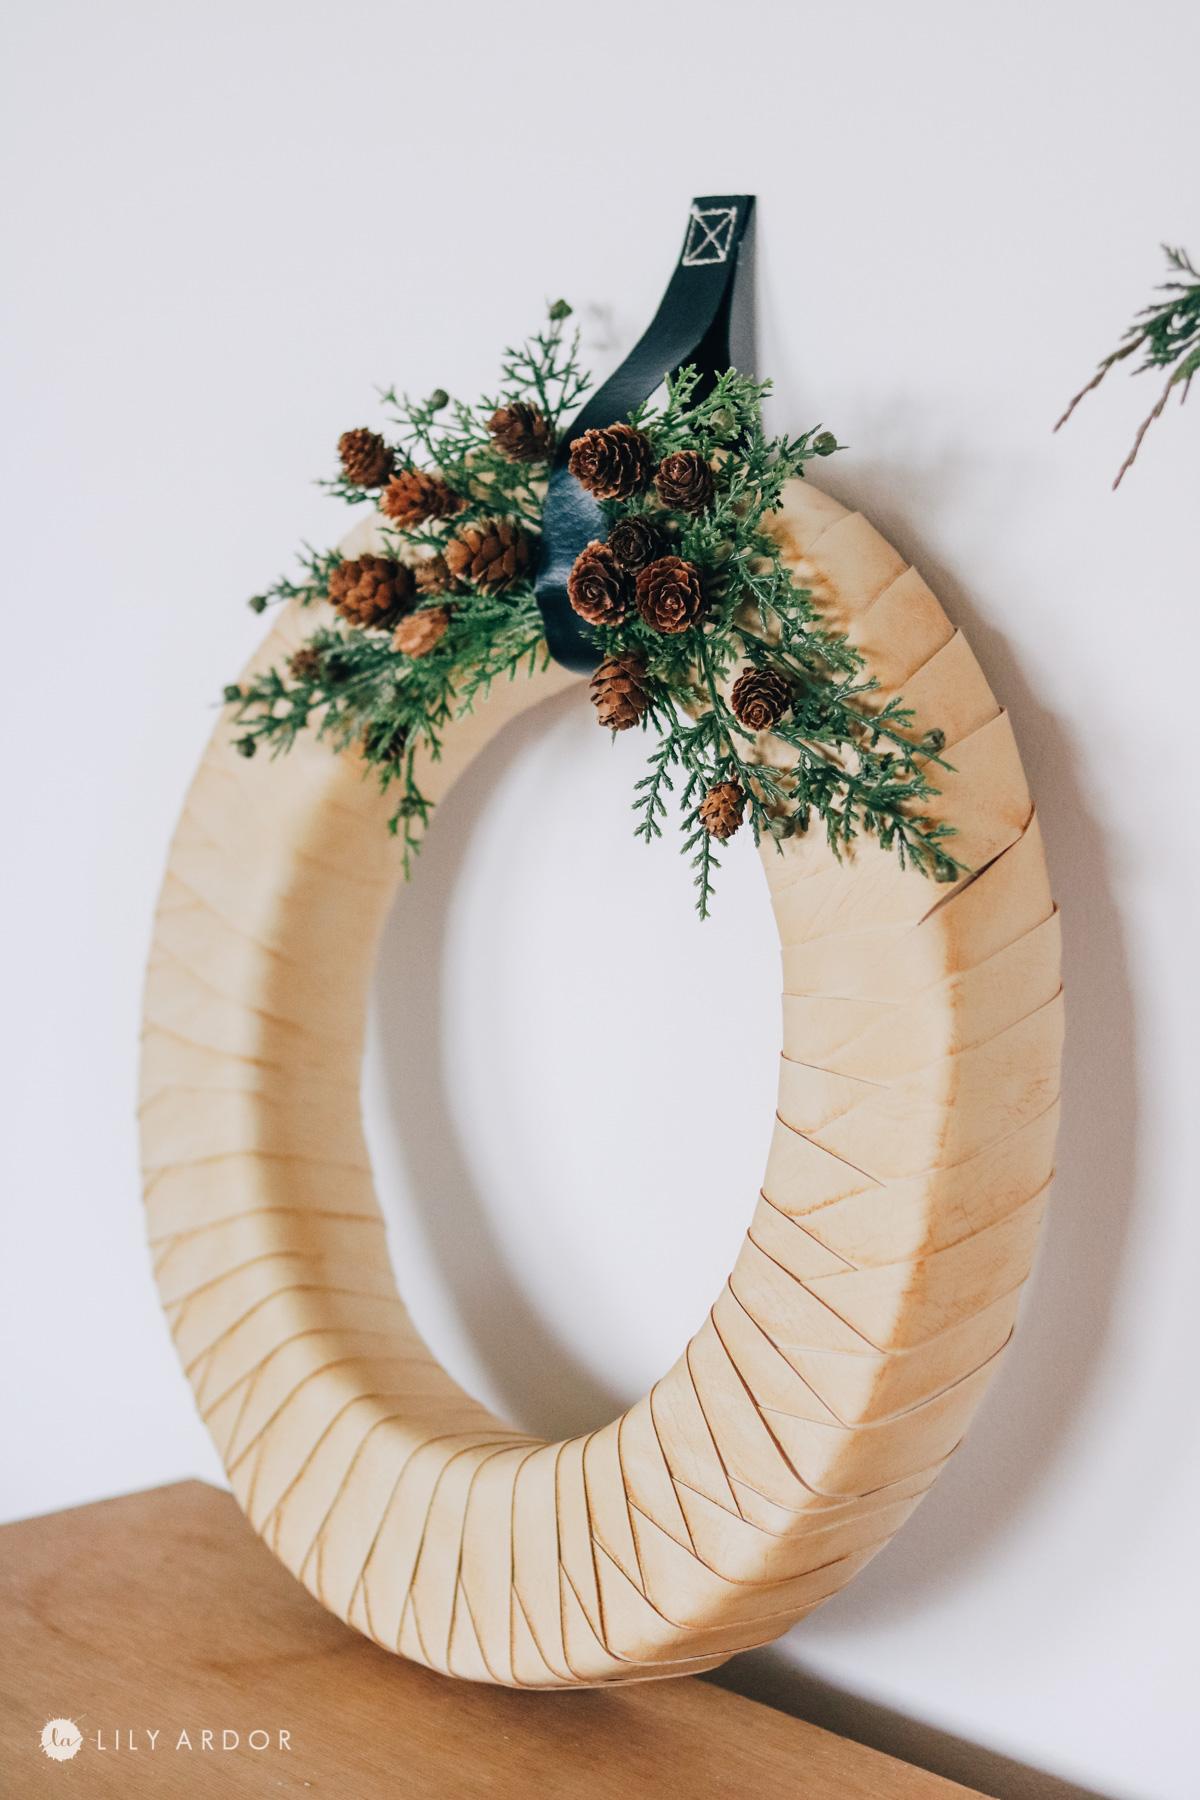 DIY scandinavian wreath